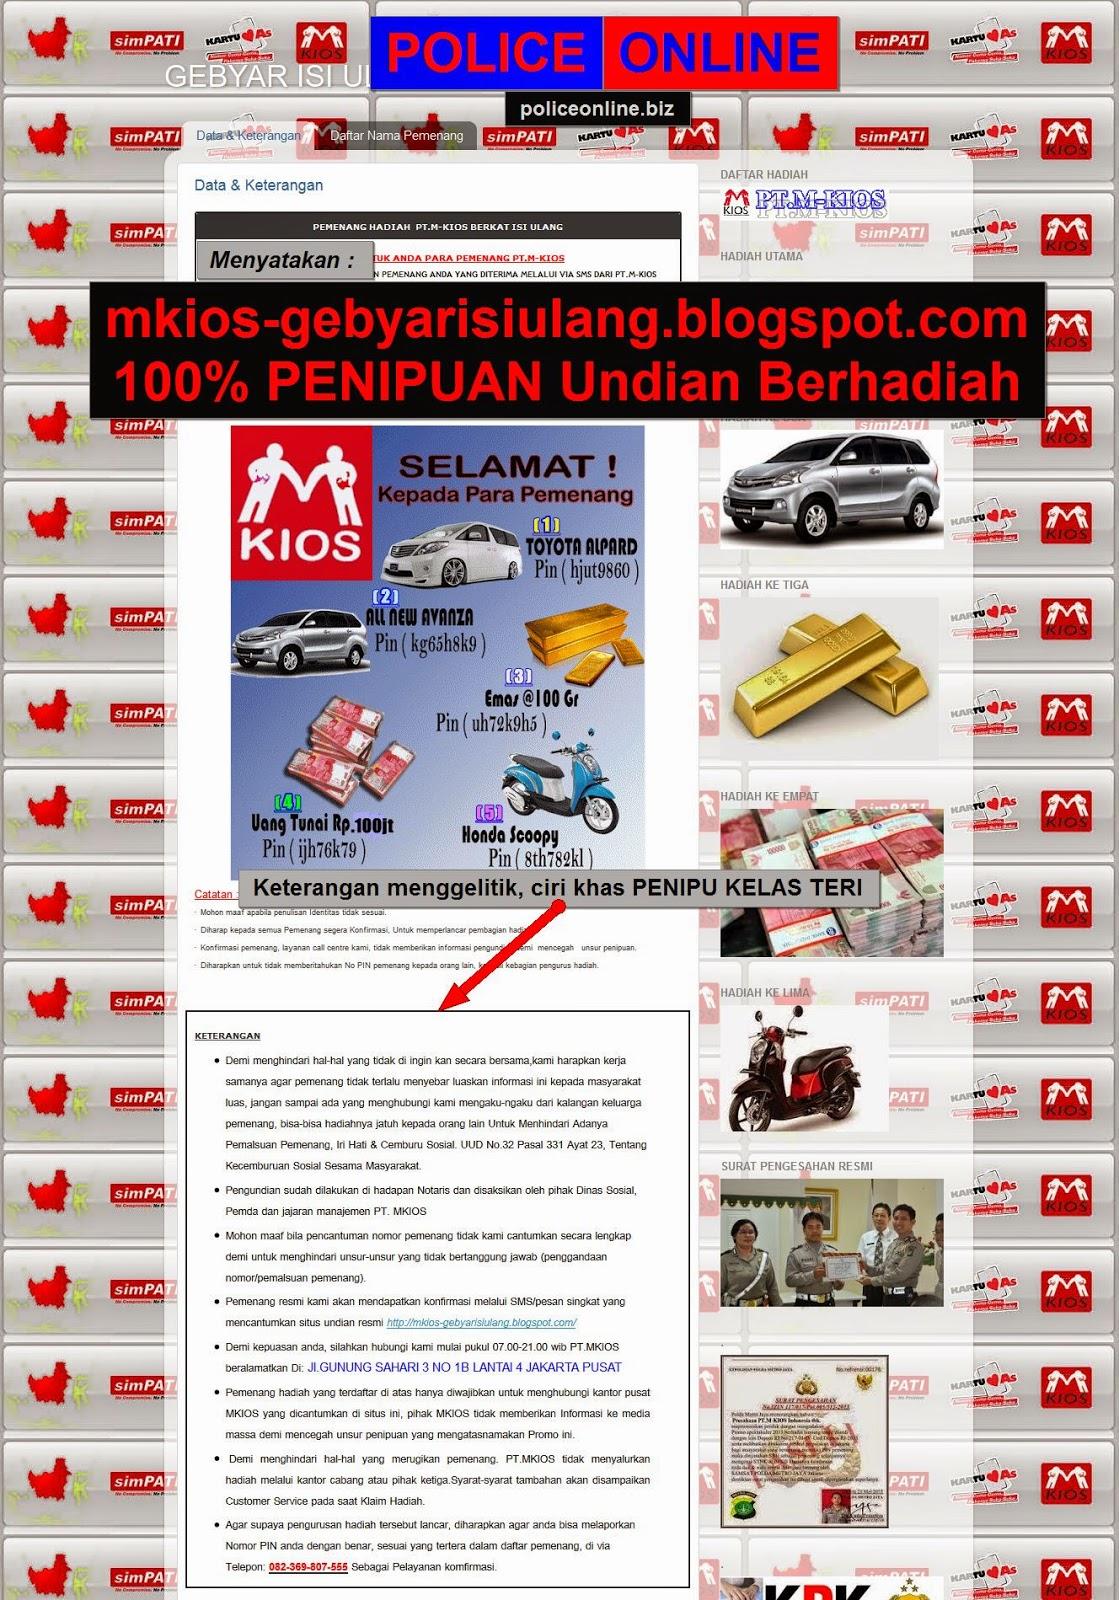 mkios-gebyarisiulang.blogspot.com 100% PENIPUAN Undian Berhadiah